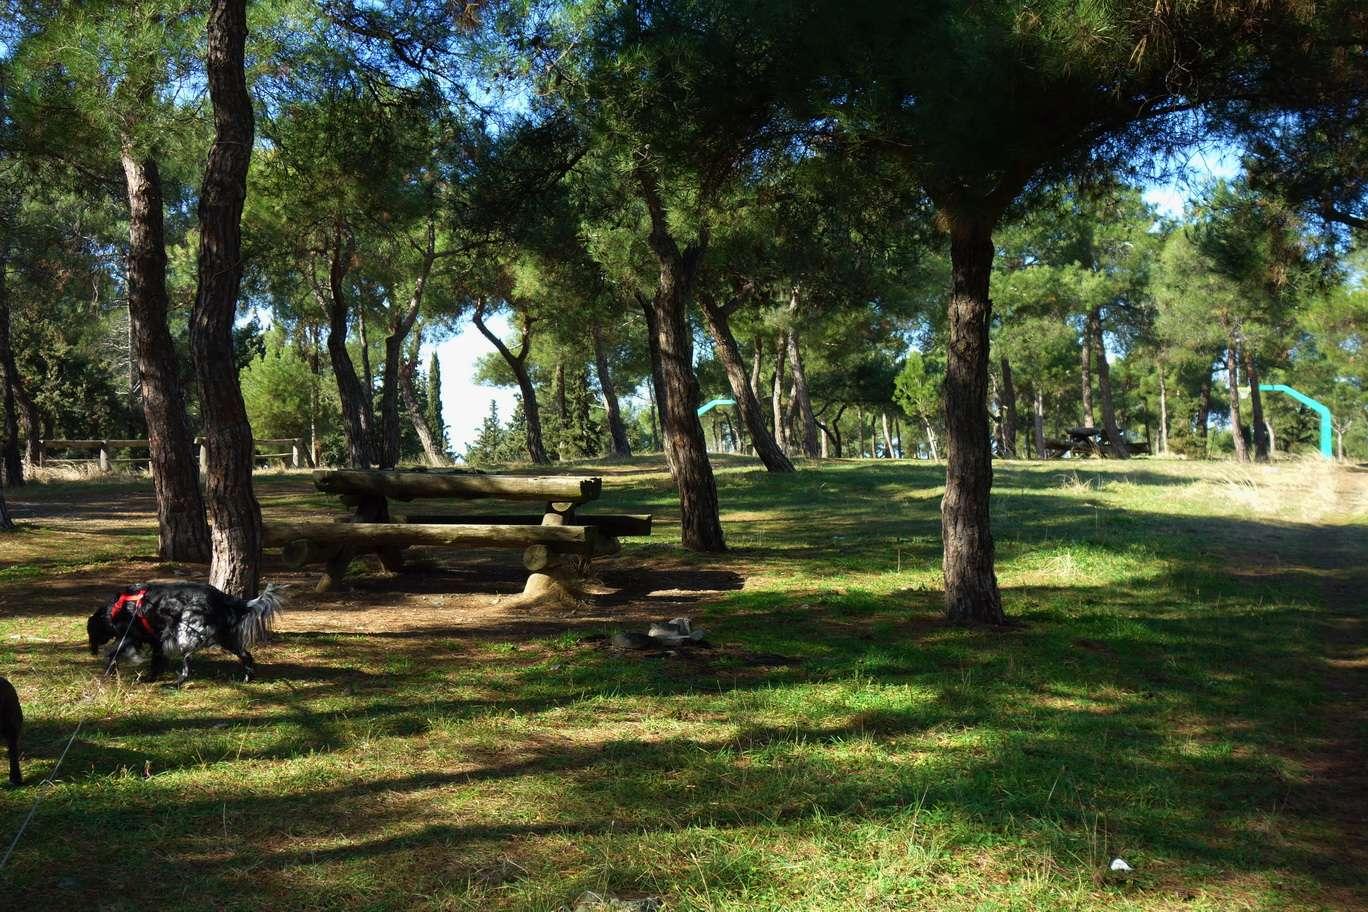 Δάσος του Κεδρηνού Λόφου: Ένα φυσικό οικοσύστημα δημιουργημένο από τον άνθρωπο